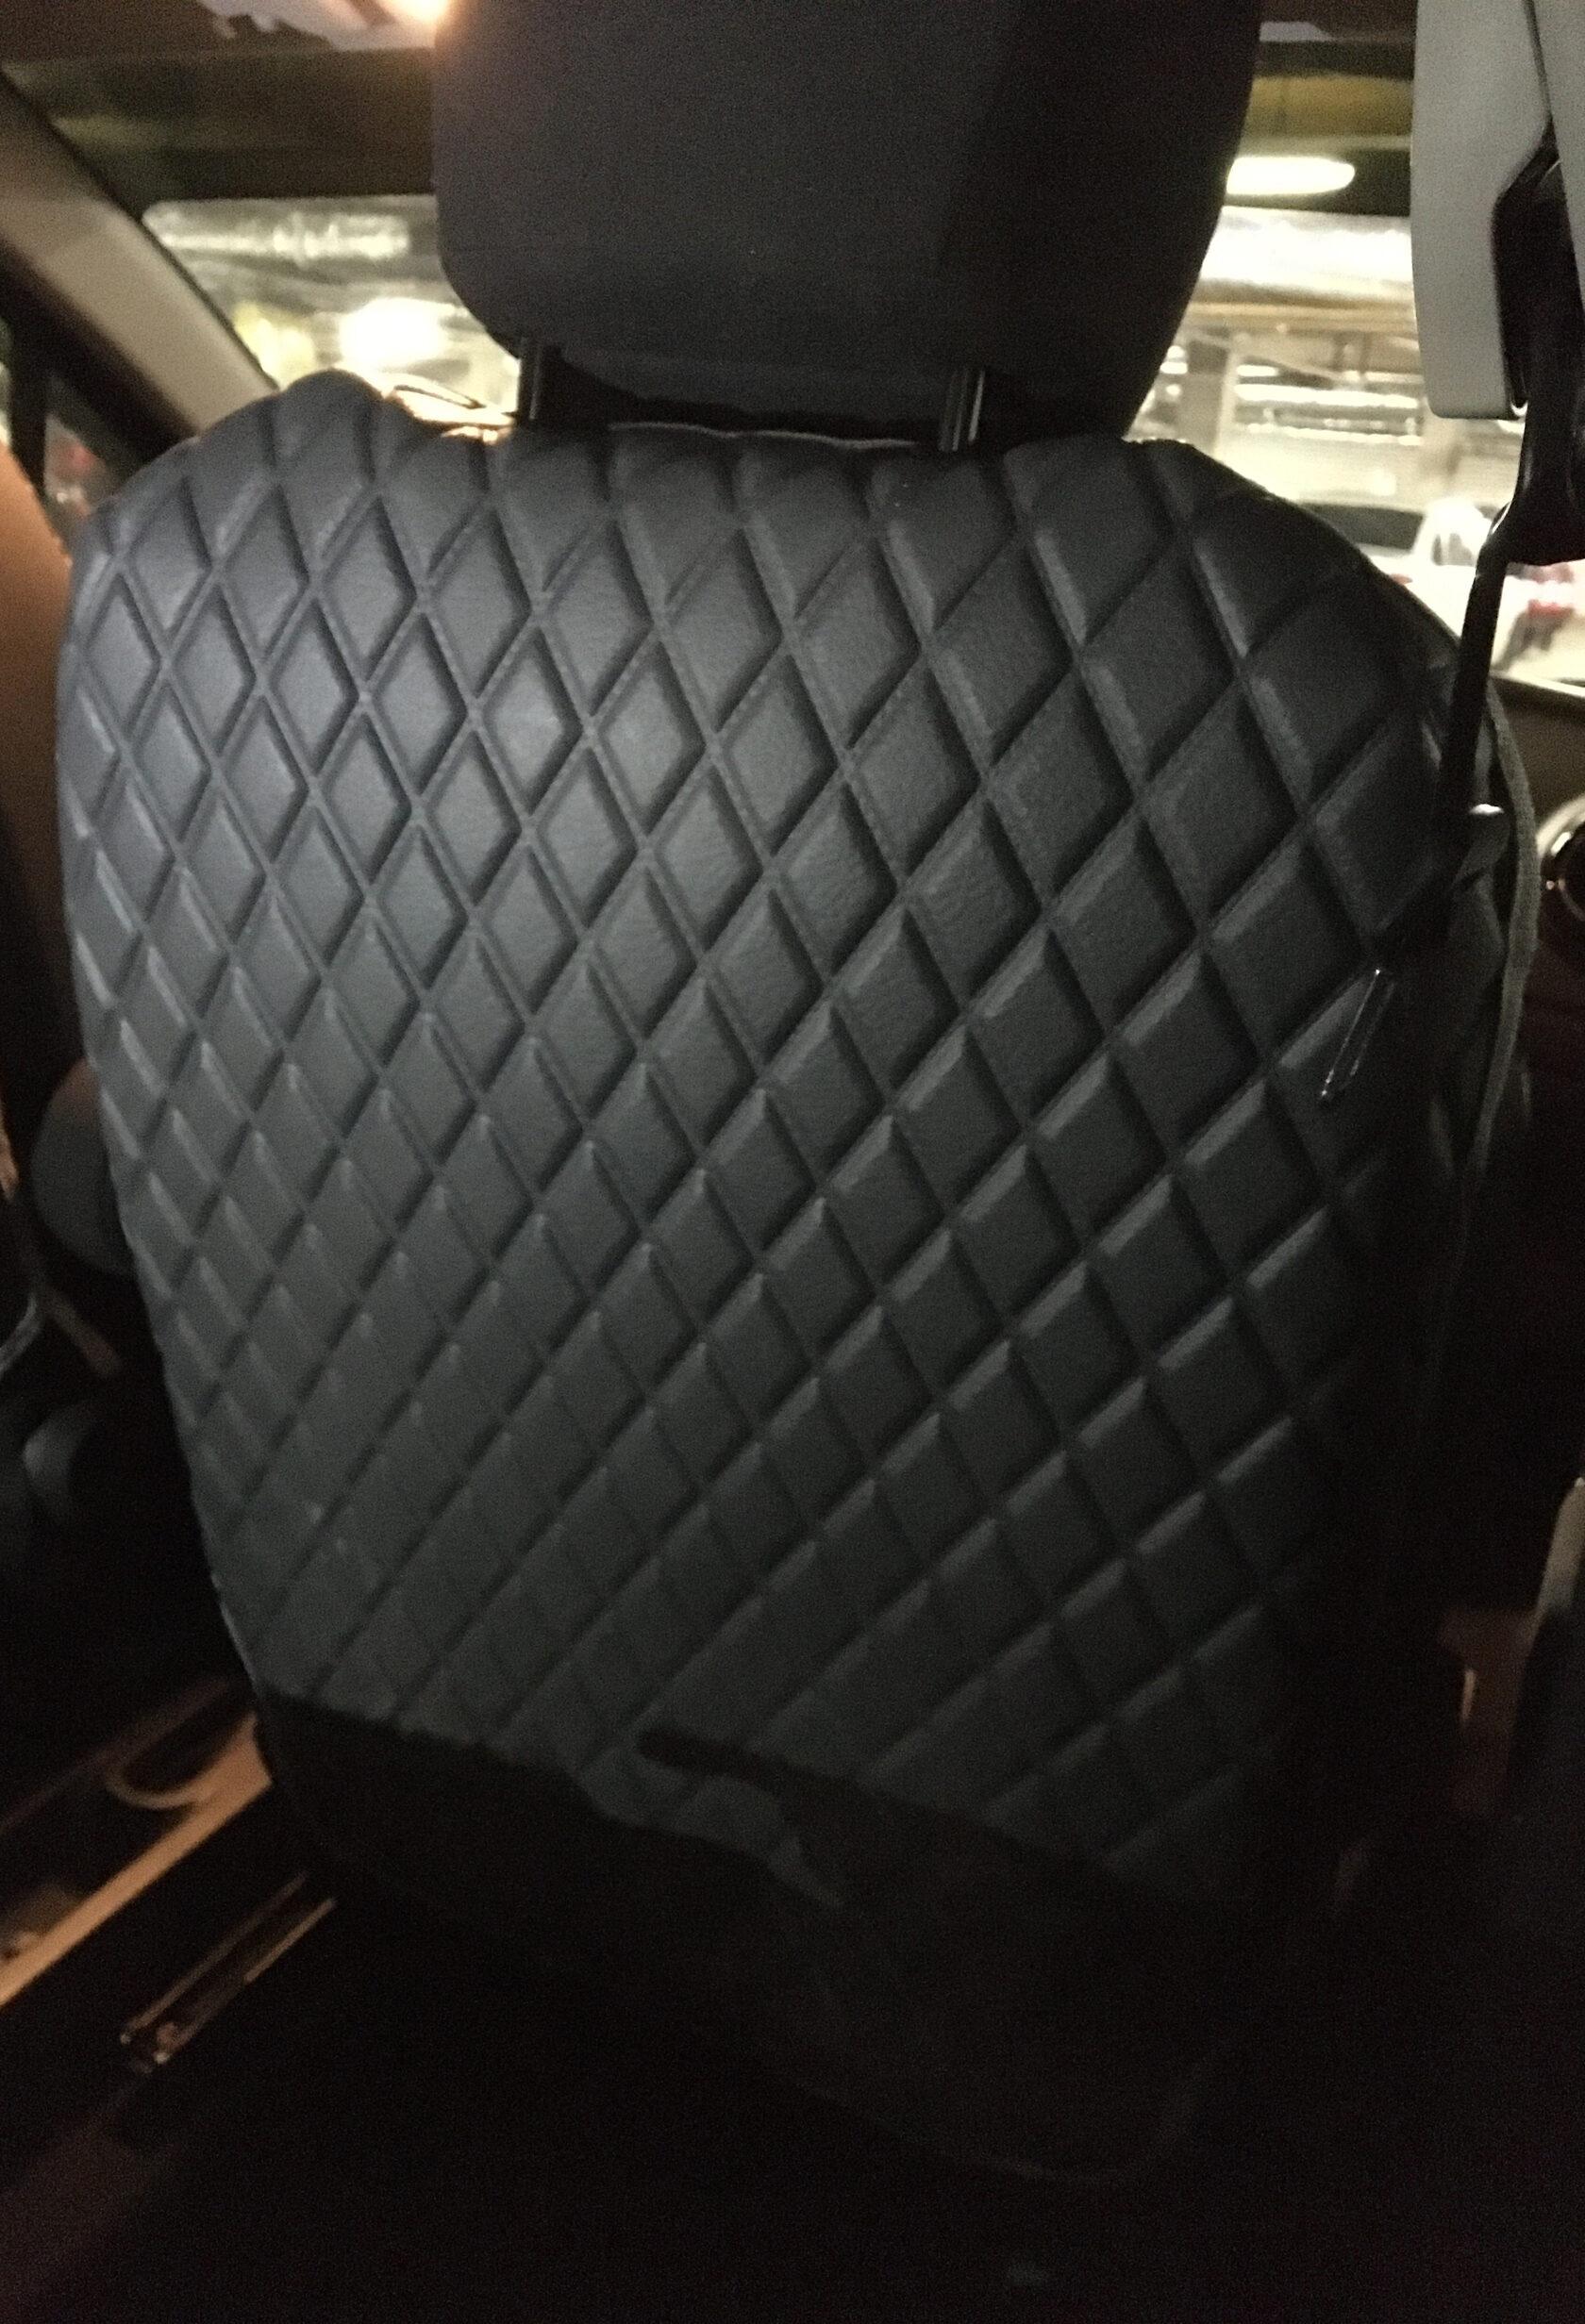 Защитные накидки на заднюю часть сиденья автомобиля из ЕВА материала